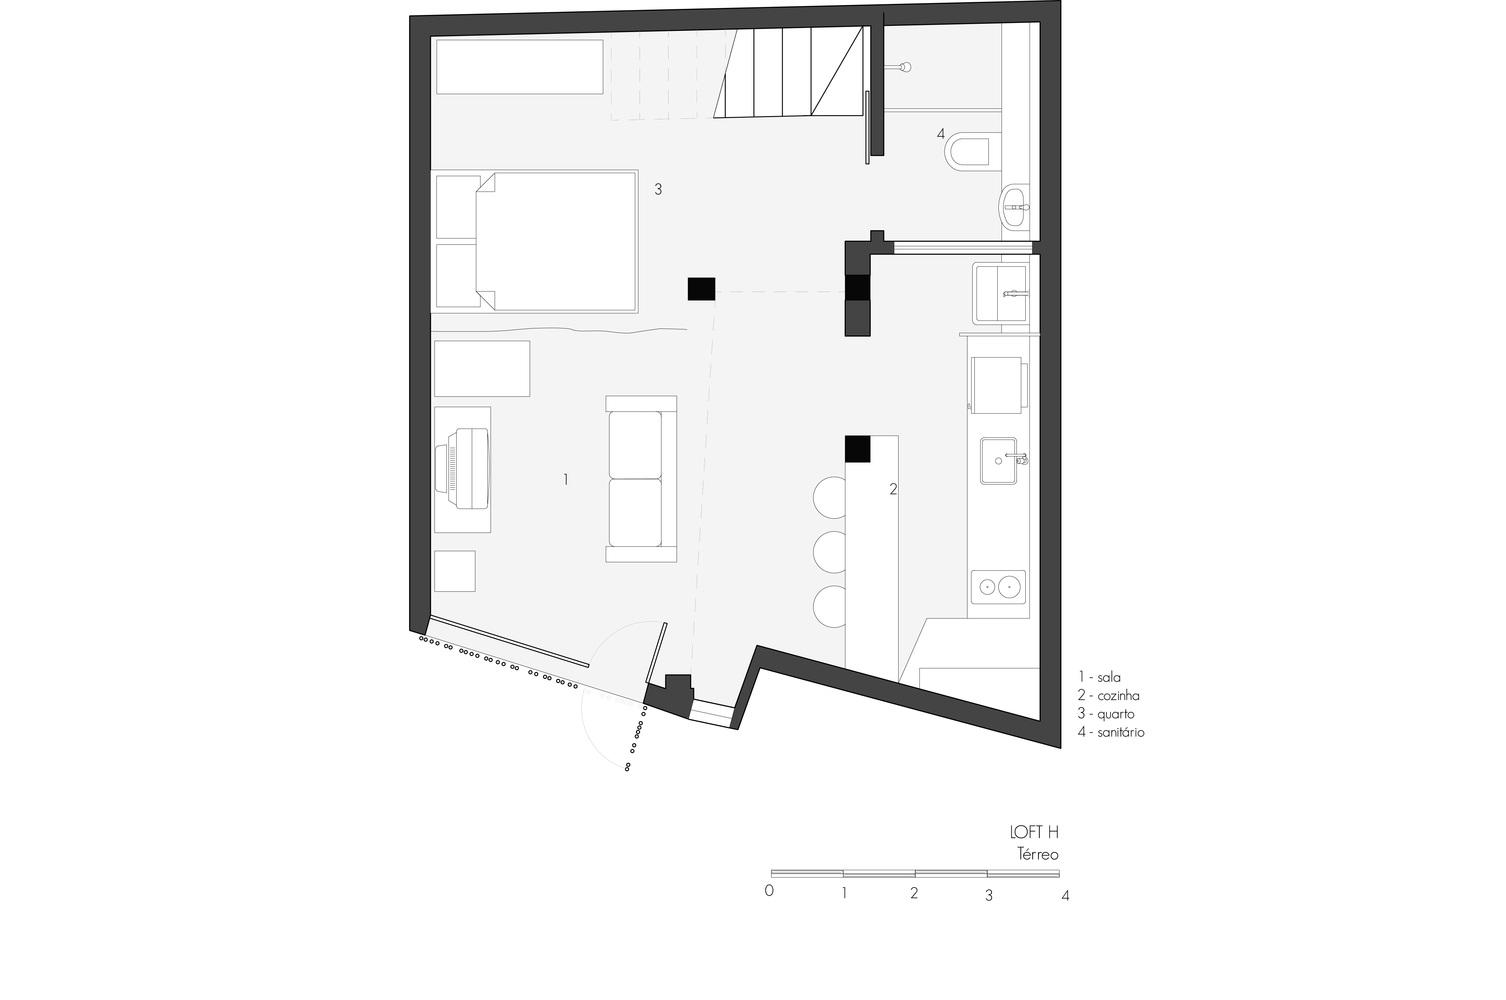 Imagem gráfica da planta do térreo